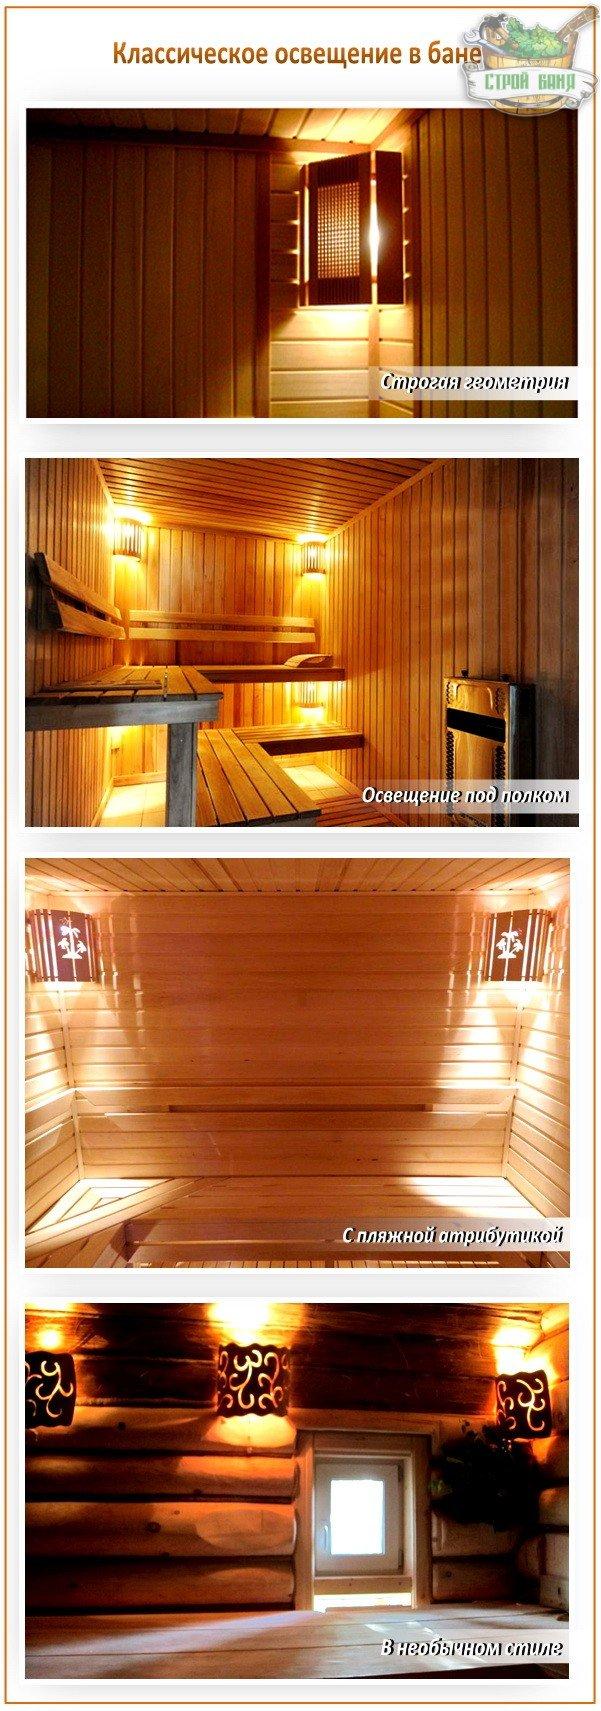 Классическое освещение в бане